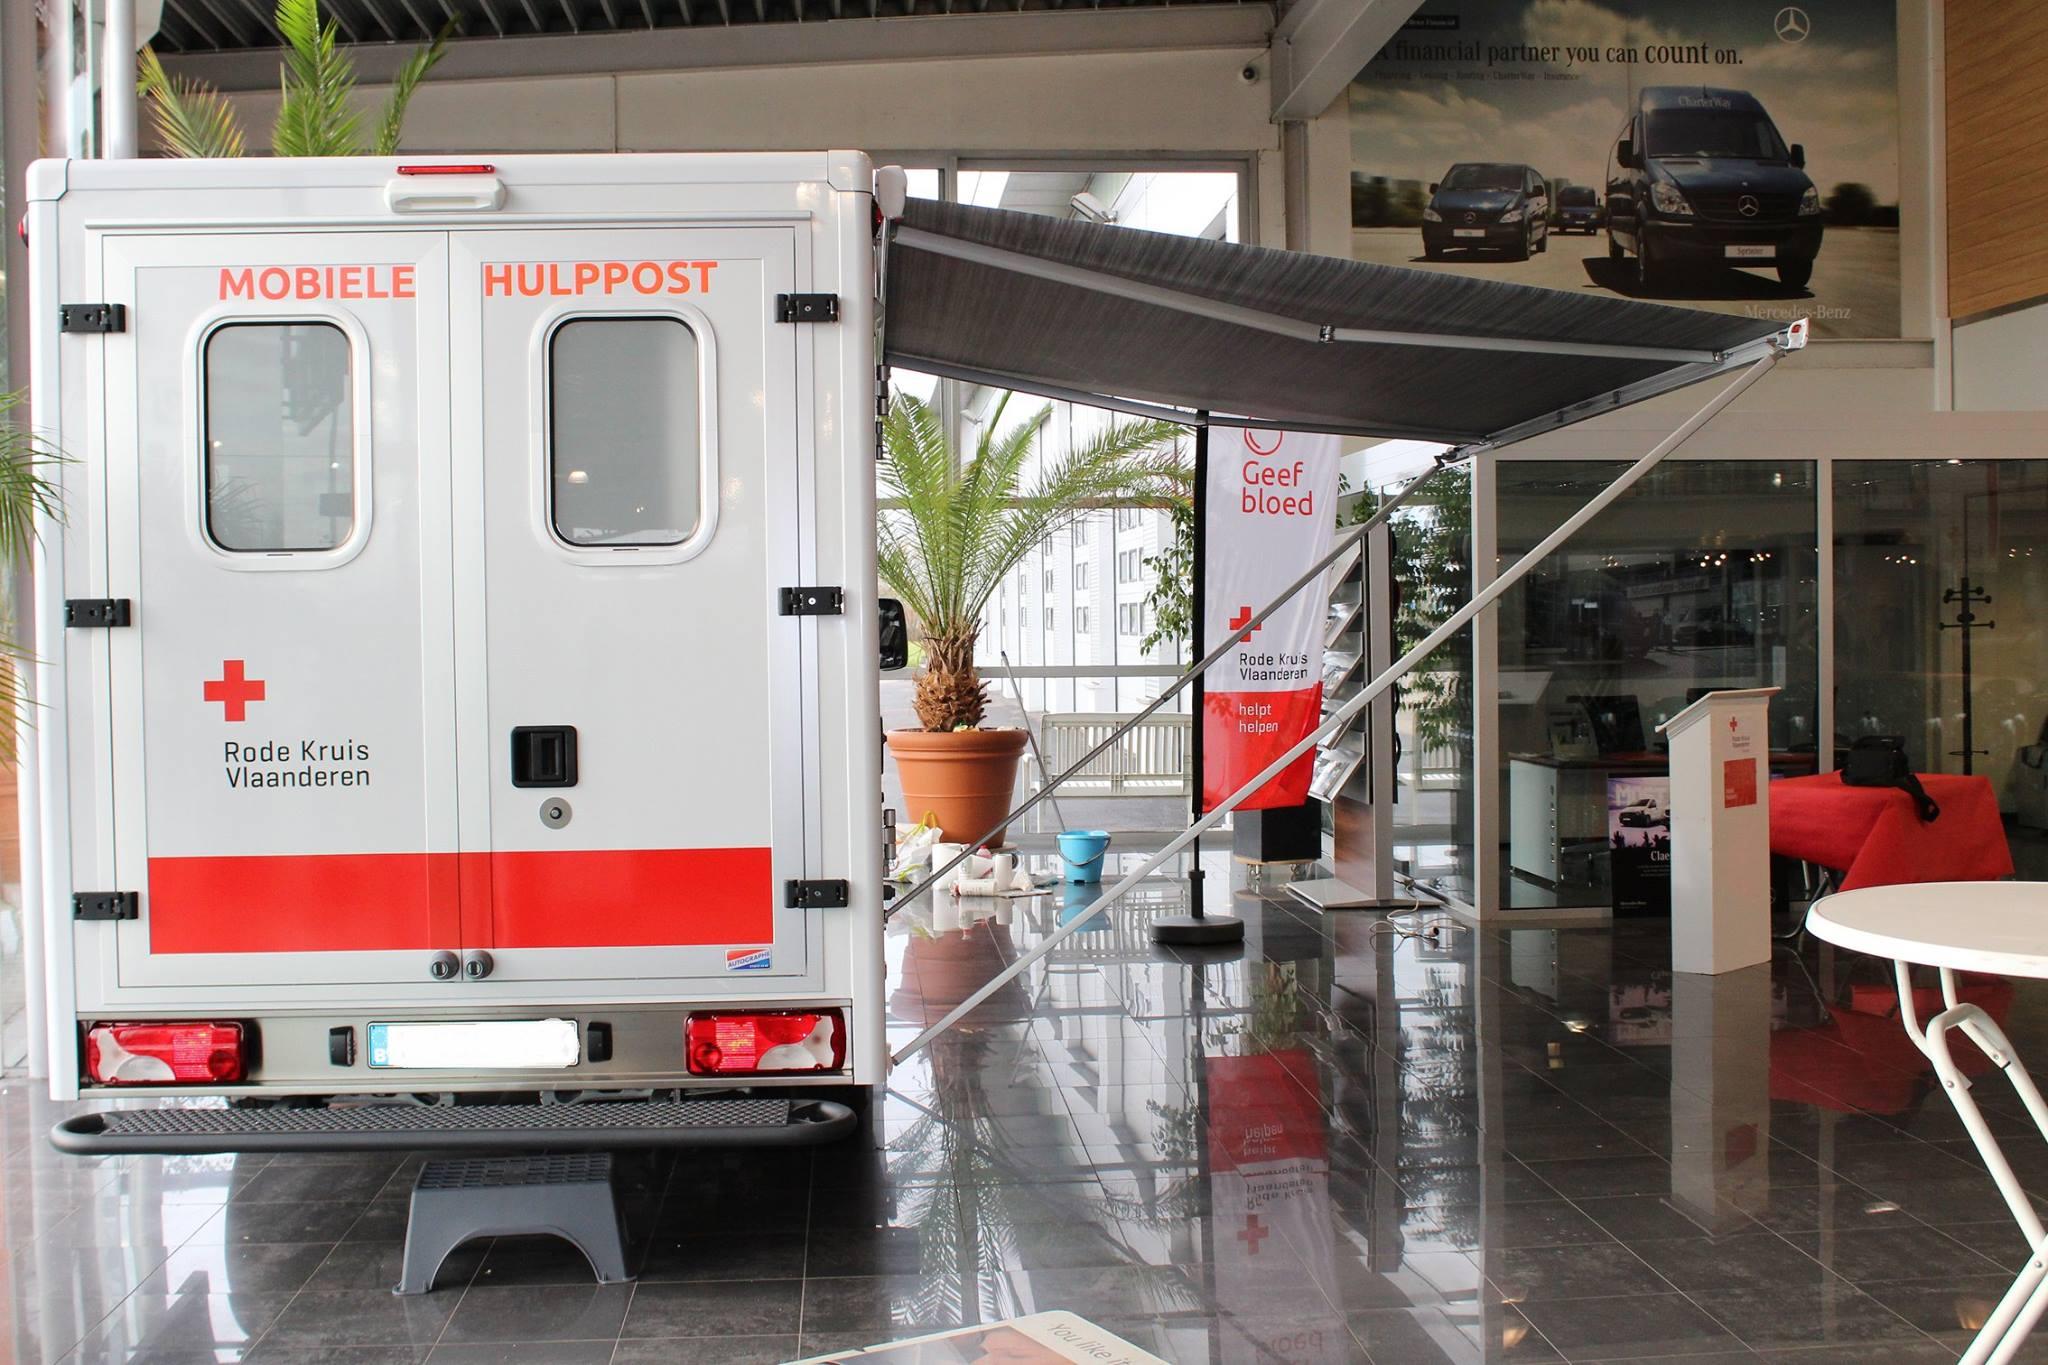 mobiele hulppost Rode kruis Tienen